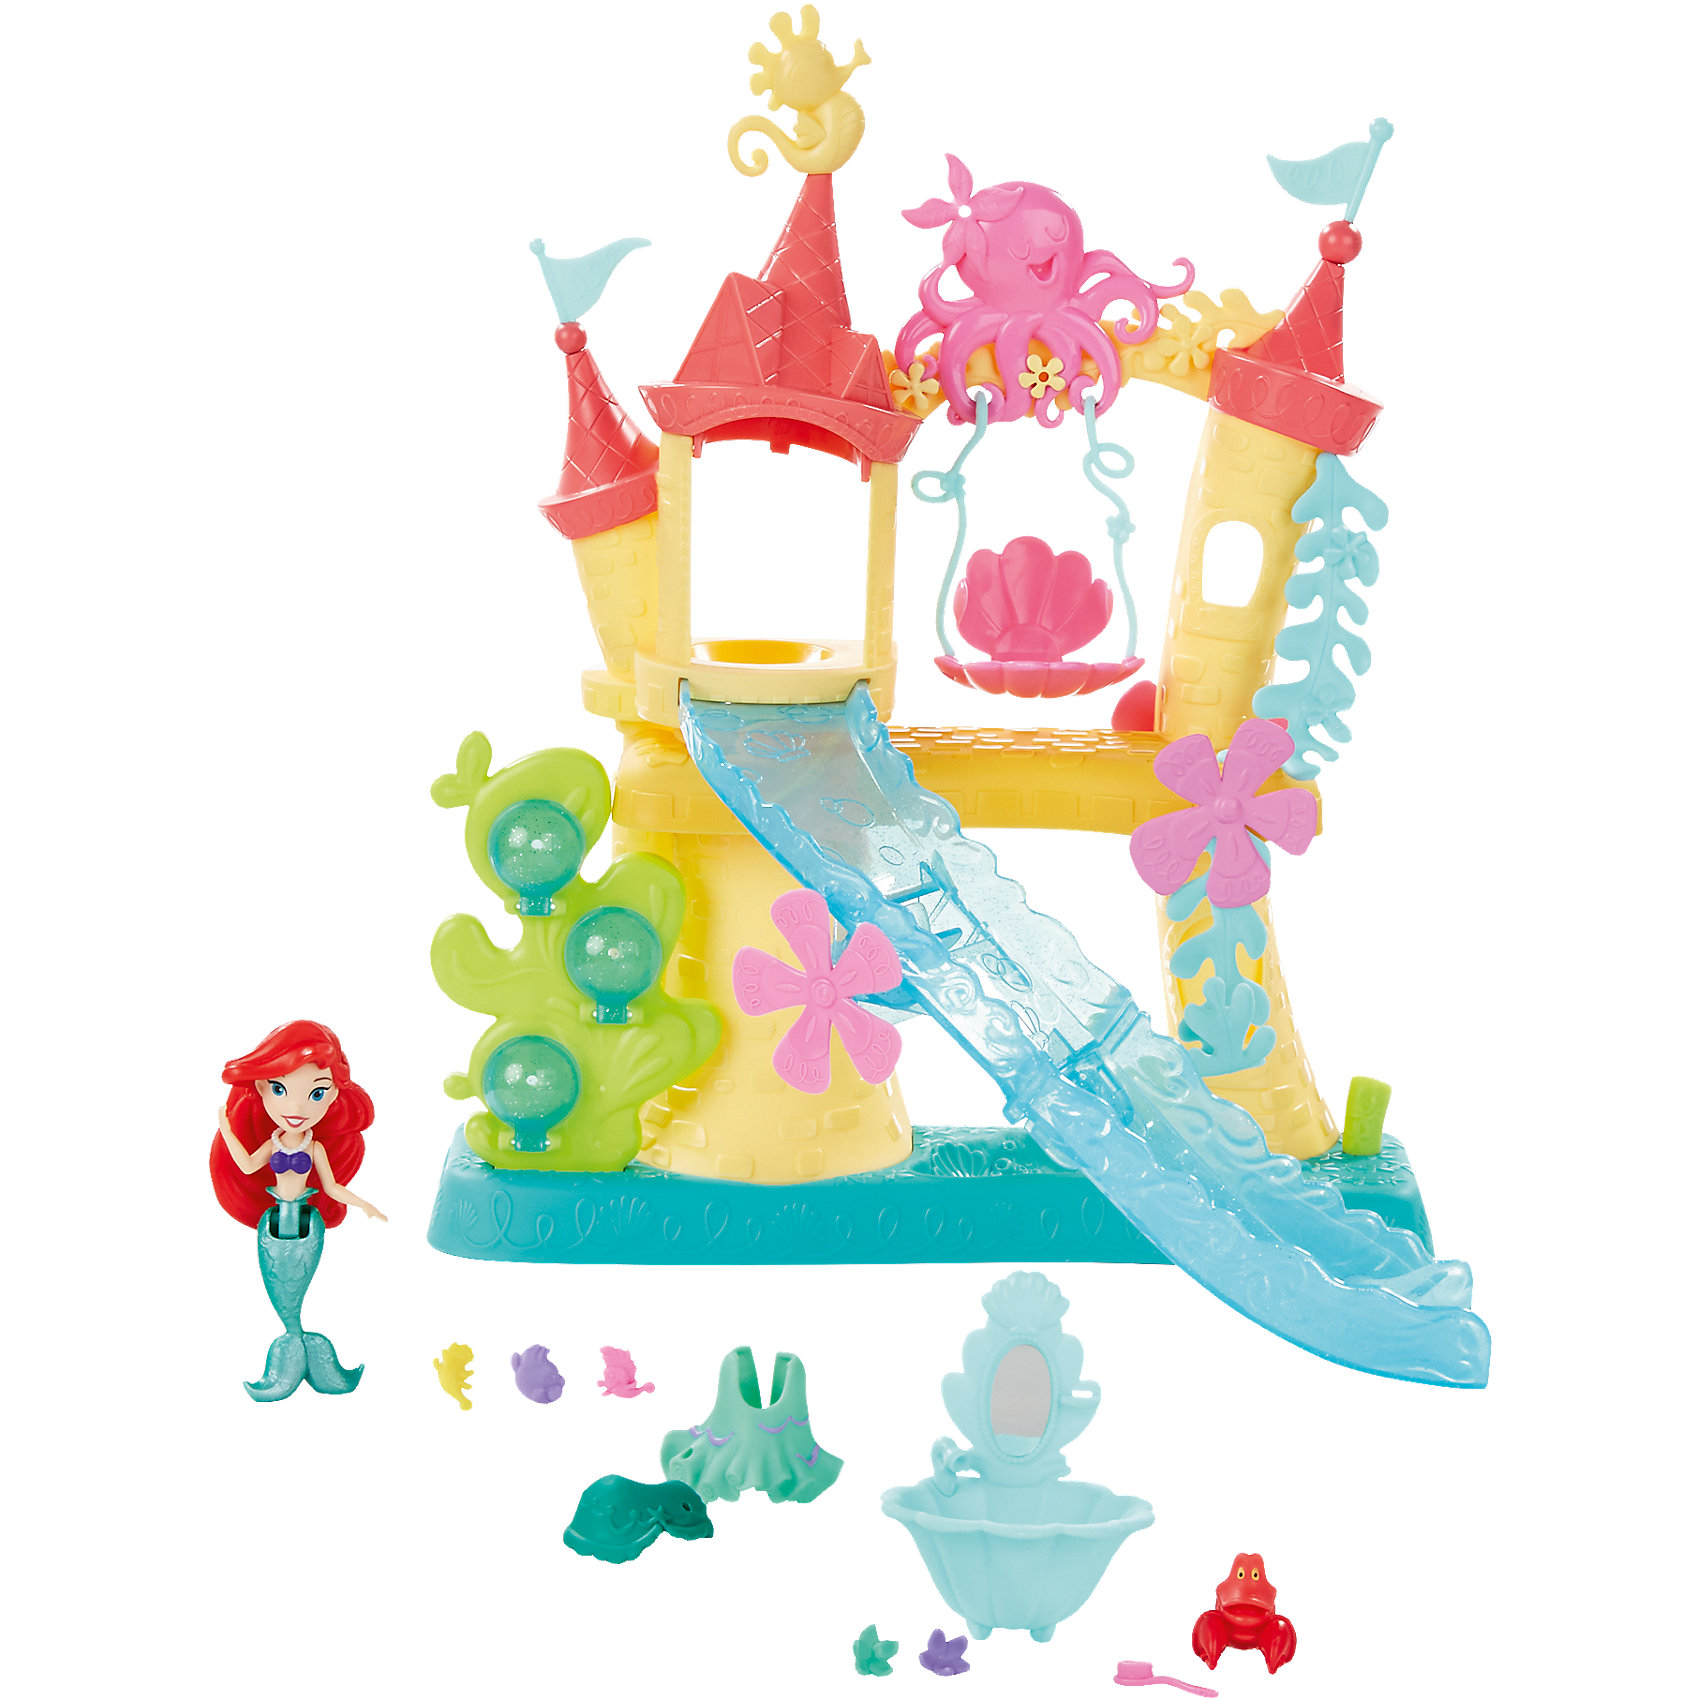 Замок Ариэль для игры с водой, Принцессы ДиснейКоллекционные и игровые фигурки<br>Ариэль и Себастьян приглашают вас посетить их прекрасный замок веселья. В замке есть качели, на которых можно покатать краба, лучшего друга русалочки, а также туалетный столик и крутая горка. Ребенок поможет сделать русалочке несколько трюков: прыжок в воду и выныривание с помощью водорослей.<br>Когда русалочка захочет покататься на горке, ее можно посадить. В комплекте есть наряды для Ариэль, а также множество других аксессуаров, которые сделают игру с набором весьма увлекательной. С набором можно играть в воде.<br><br>В комплекте: кукла, корсет, баска, юбка, игровой набор, 3 аксессуара, 5 украшений.<br>Размер: 30.5 x 7.5 x 25.5 см.<br>Высота куклы: 7.6 см.<br><br>Ширина мм: 305<br>Глубина мм: 250<br>Высота мм: 76<br>Вес г: 620<br>Возраст от месяцев: 36<br>Возраст до месяцев: 72<br>Пол: Женский<br>Возраст: Детский<br>SKU: 4351513